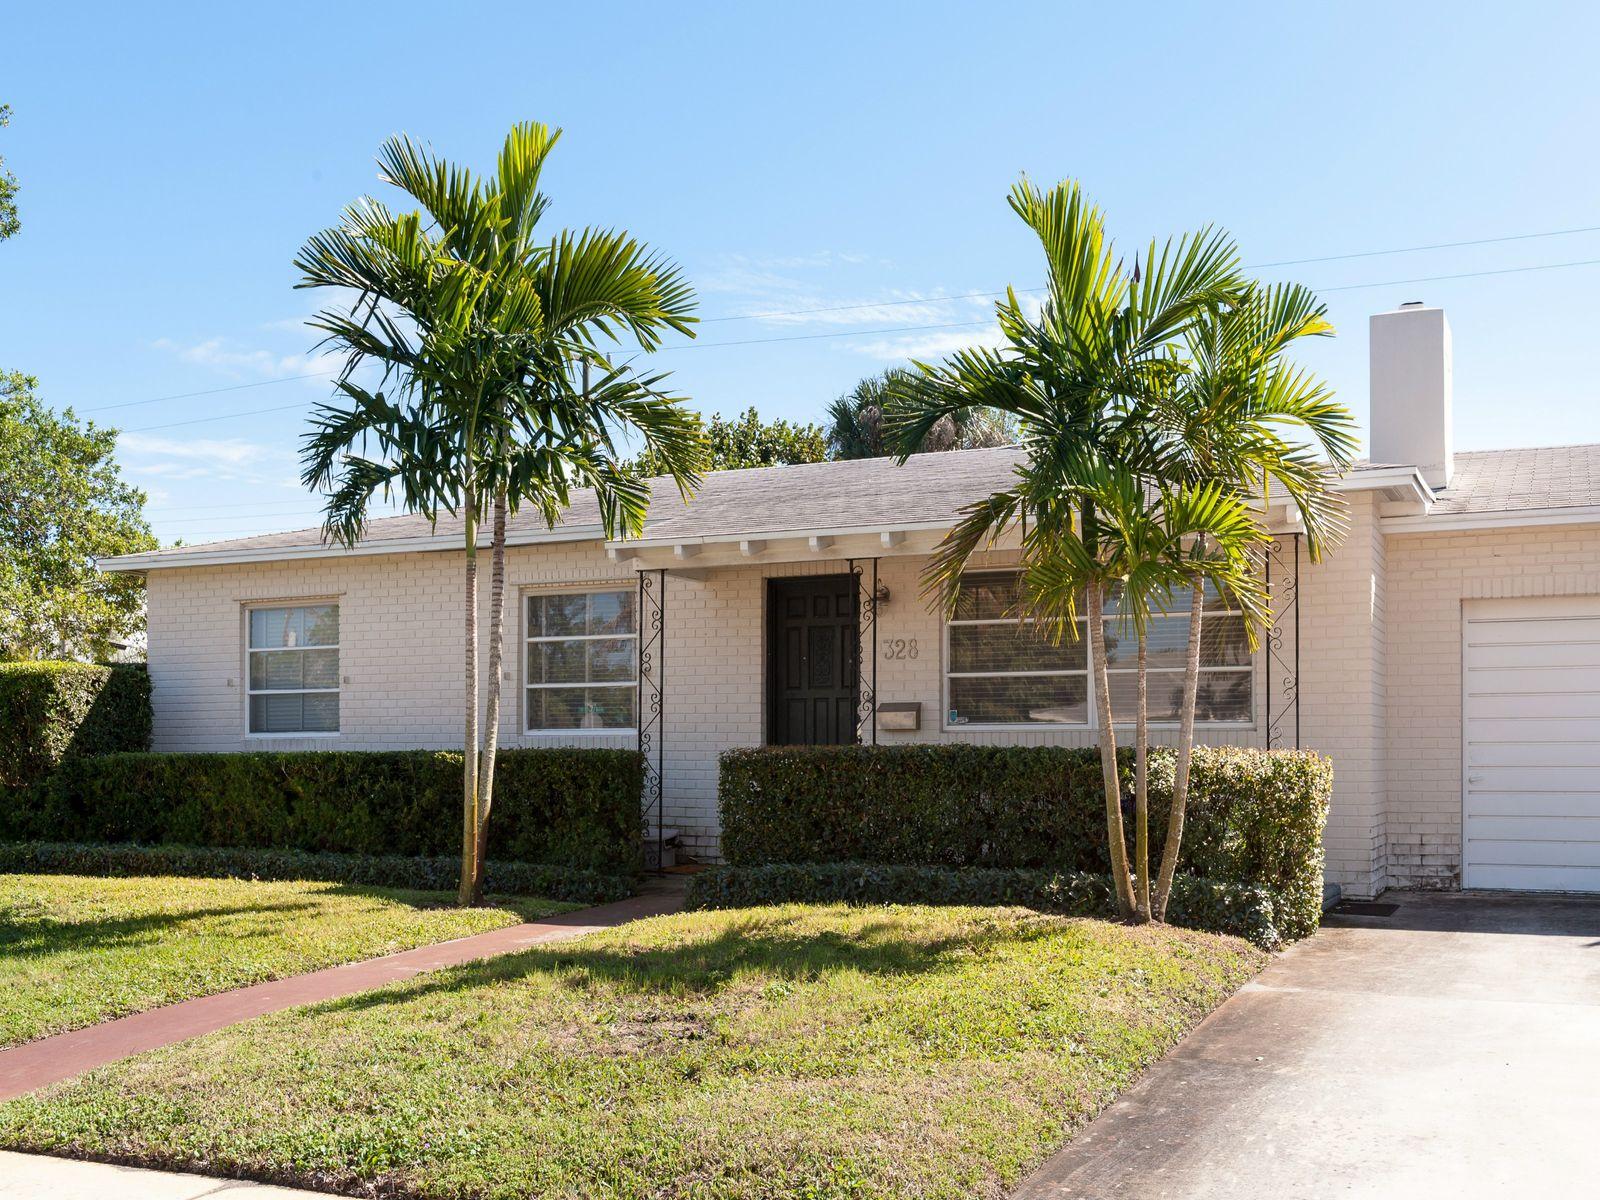 328 Hunter Street - West Palm Beach